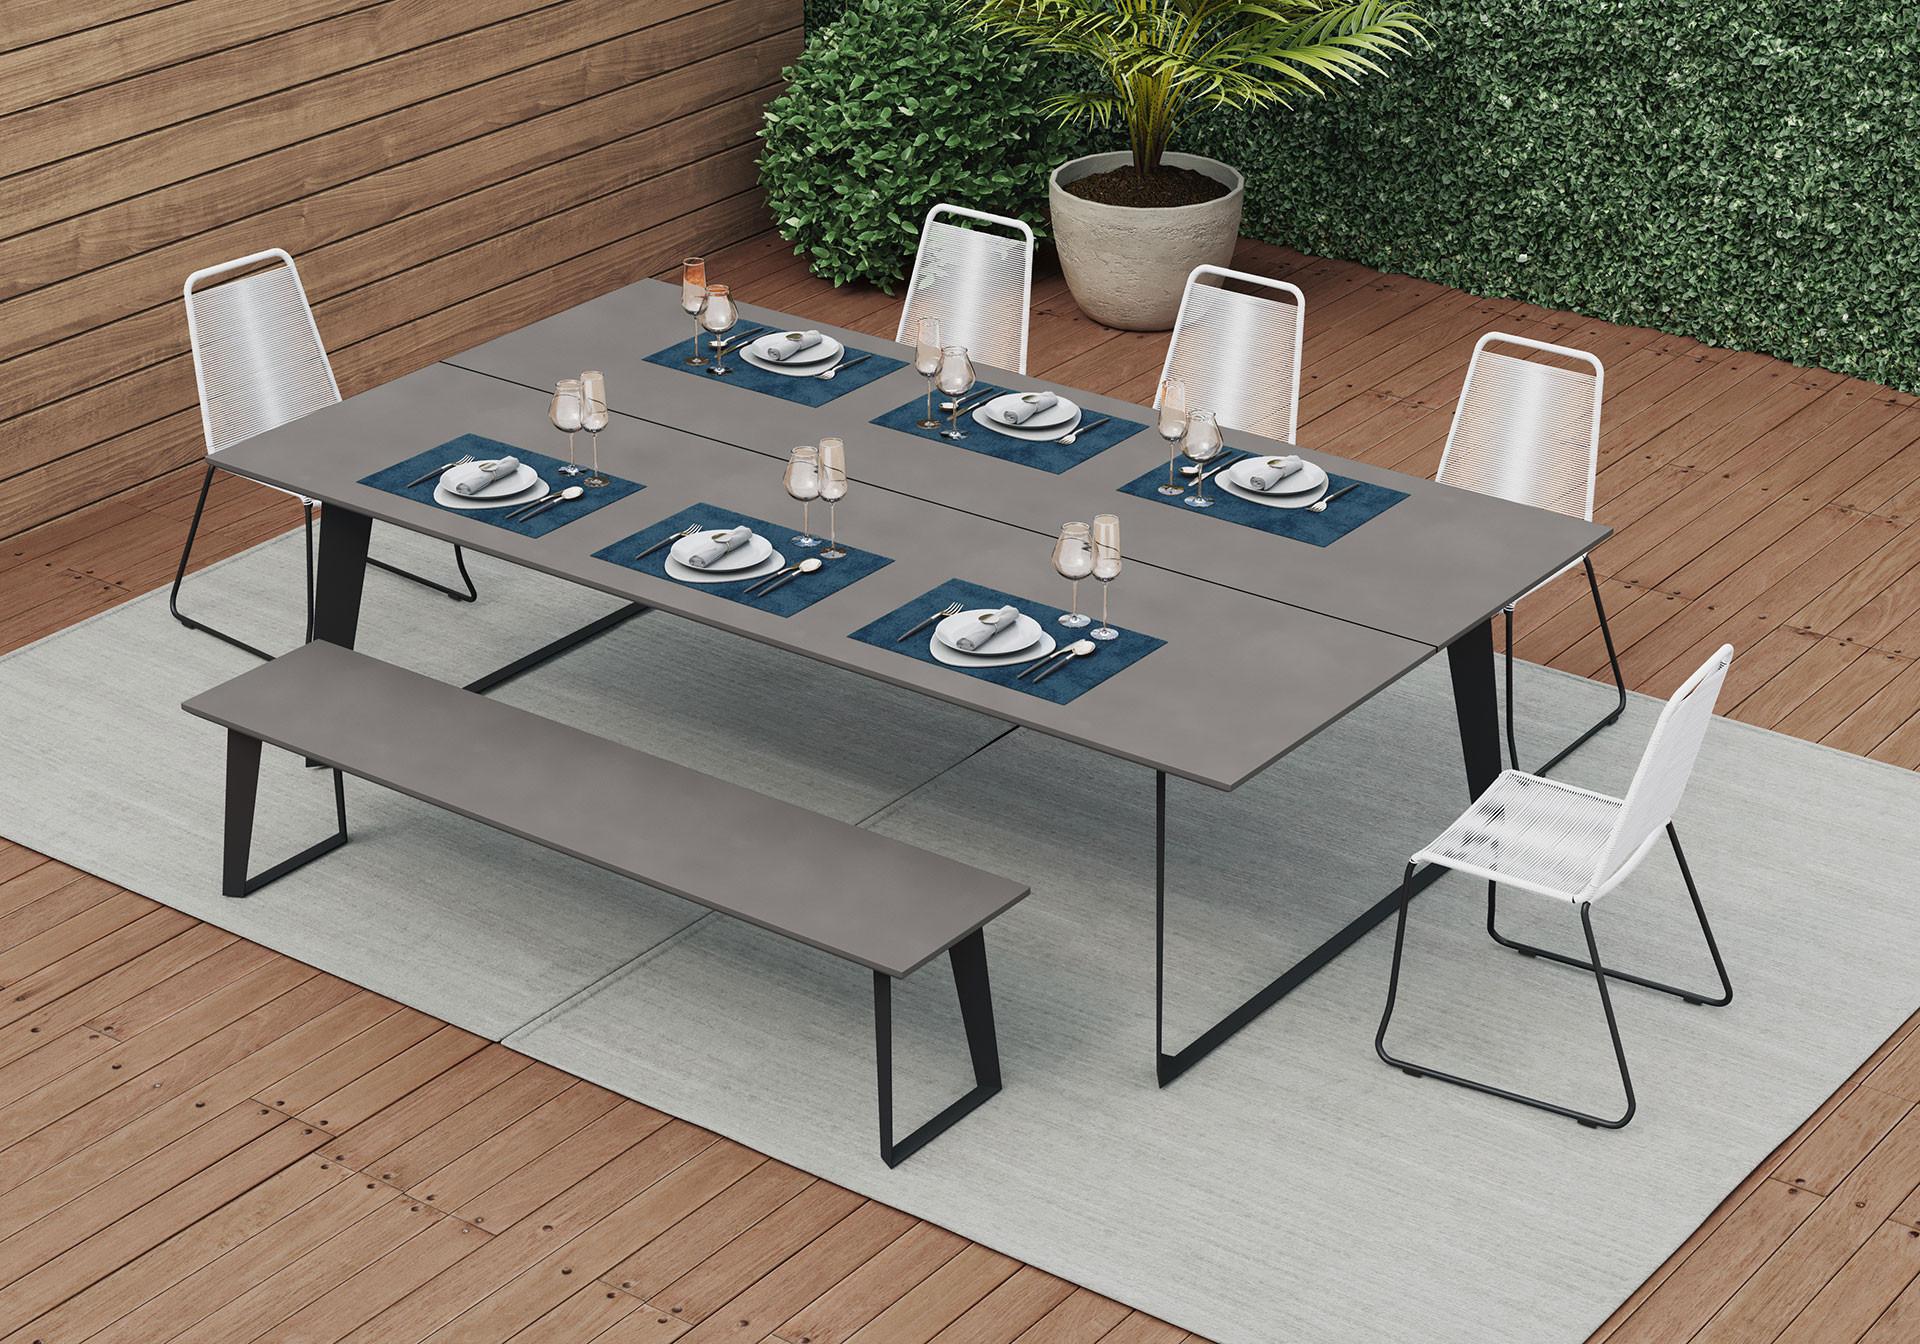 meuble jardin design meubles de jardin design tables de salon design luxe s i pinimg of meuble jardin design